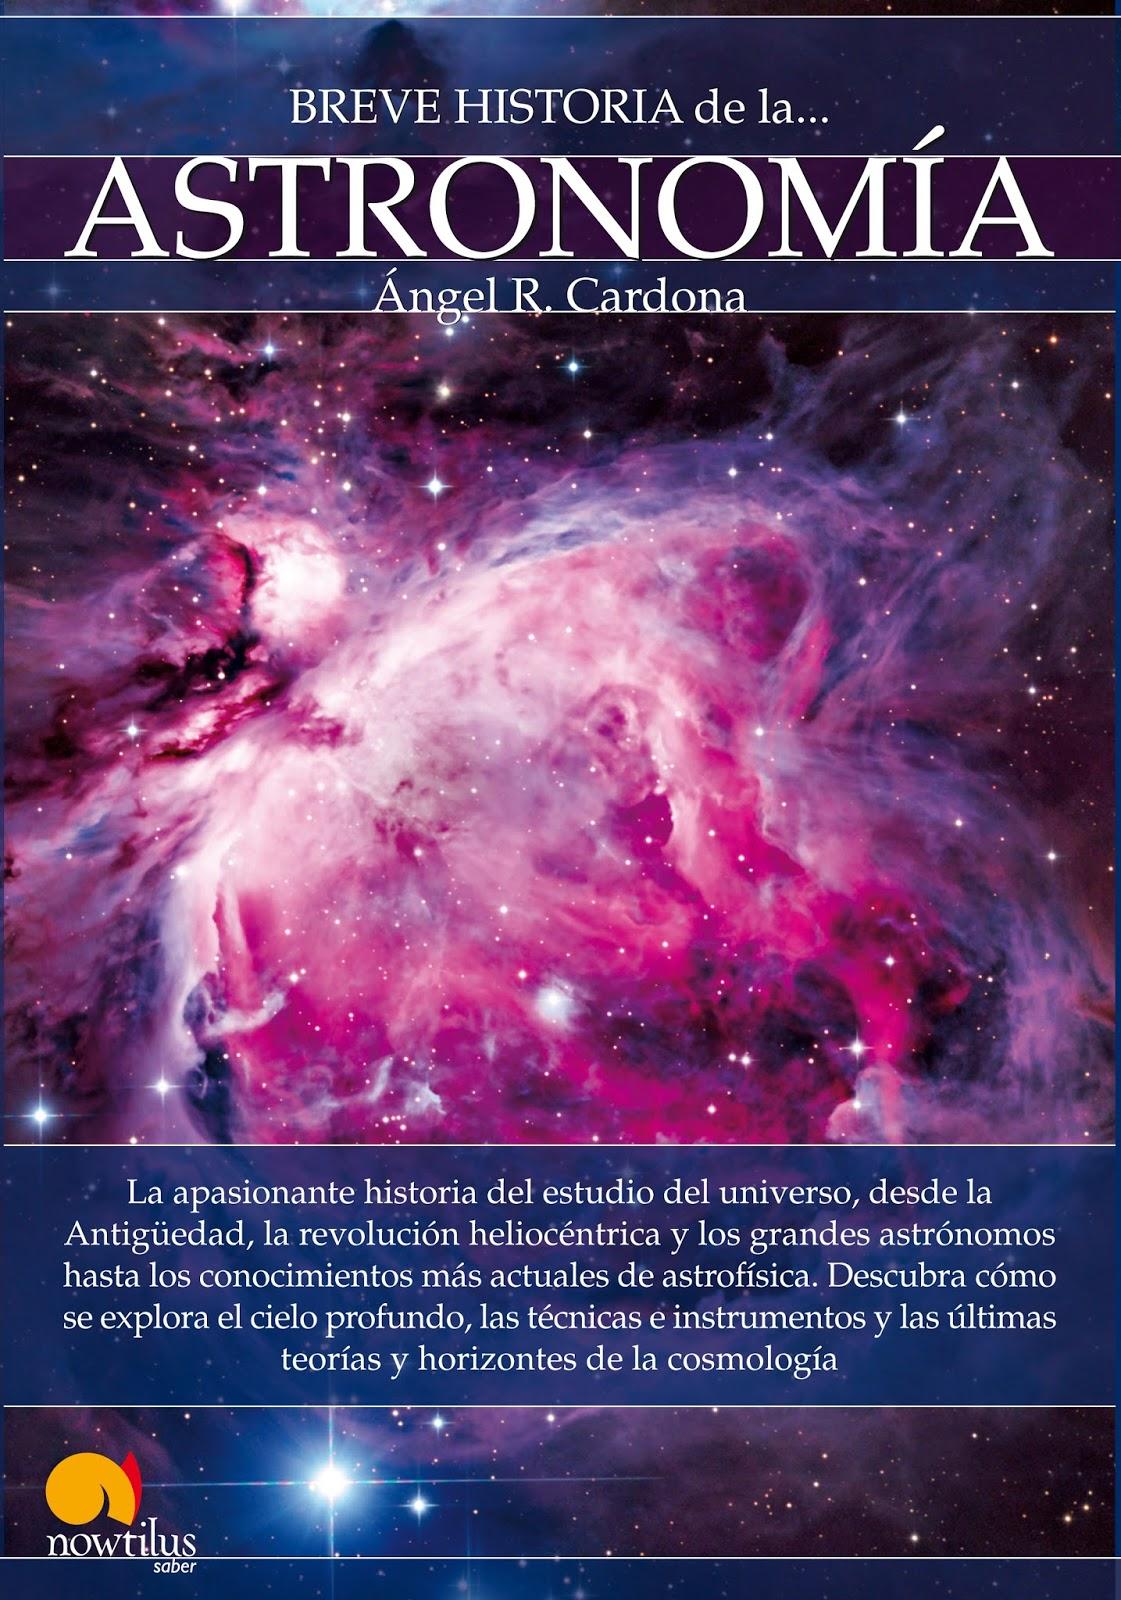 LIBROS DE ASTROFISICA PDF DOWNLOAD